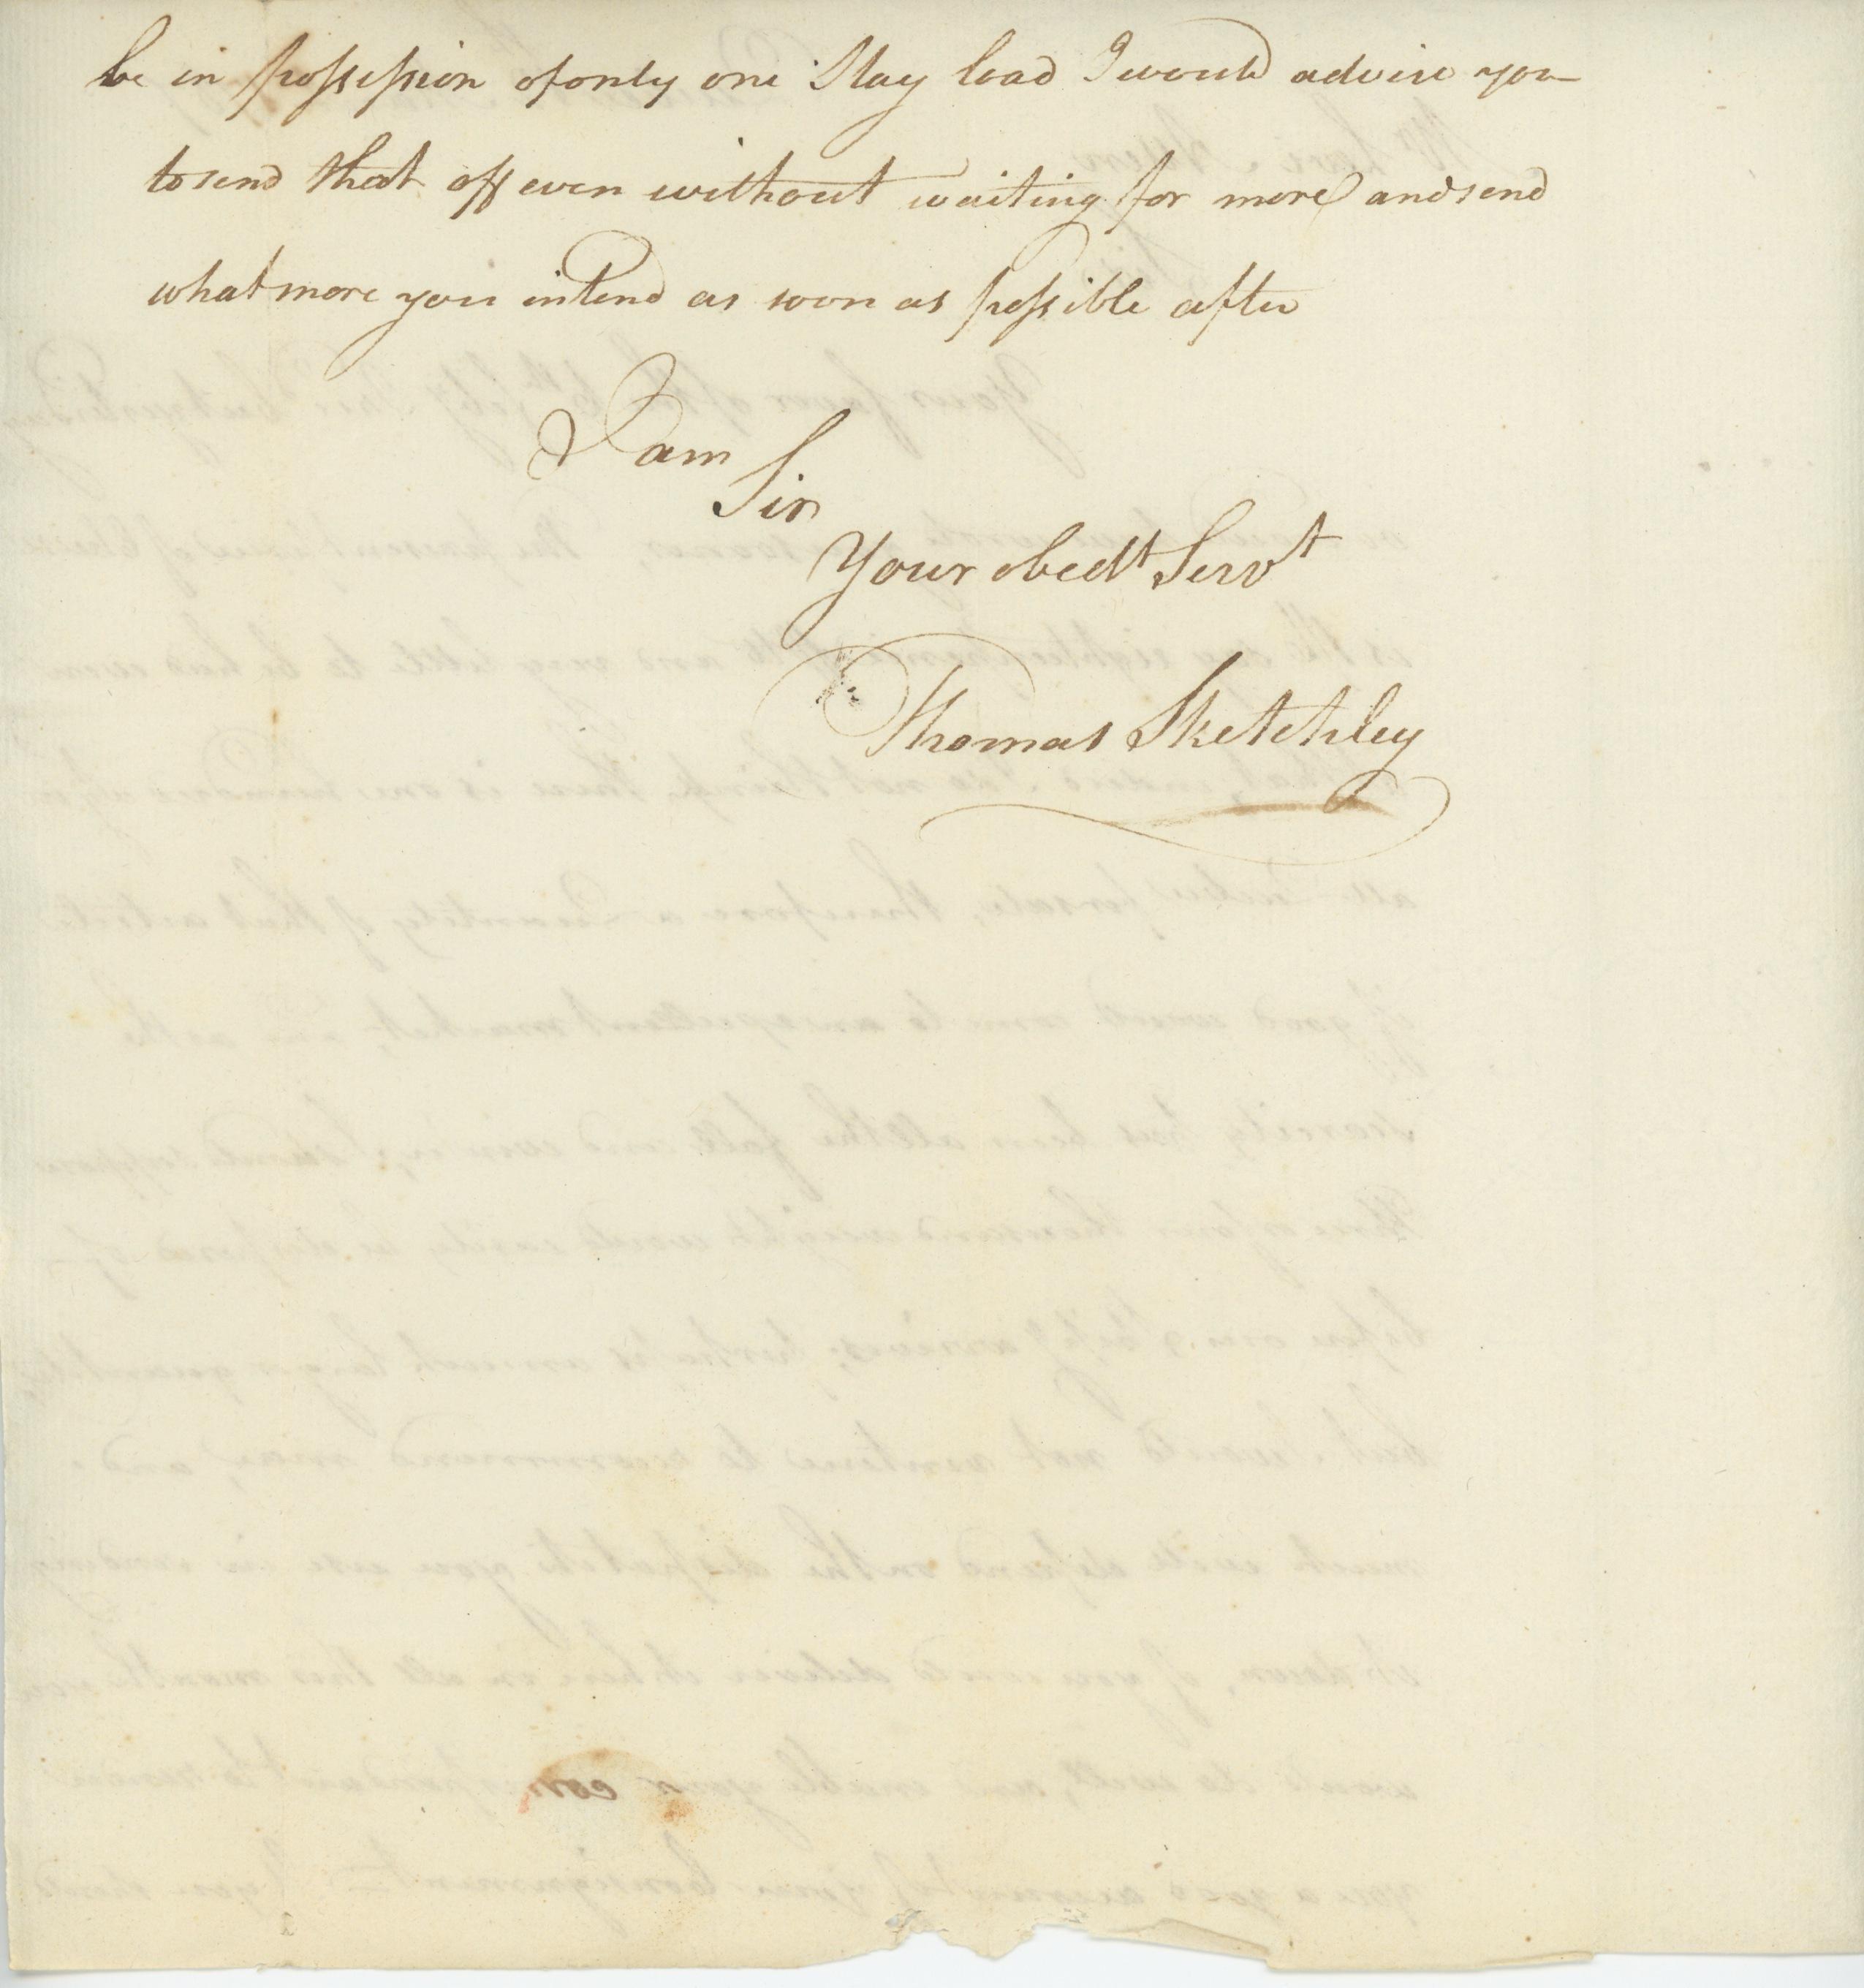 eej-1787-sketchley-quebecletter2.jpeg